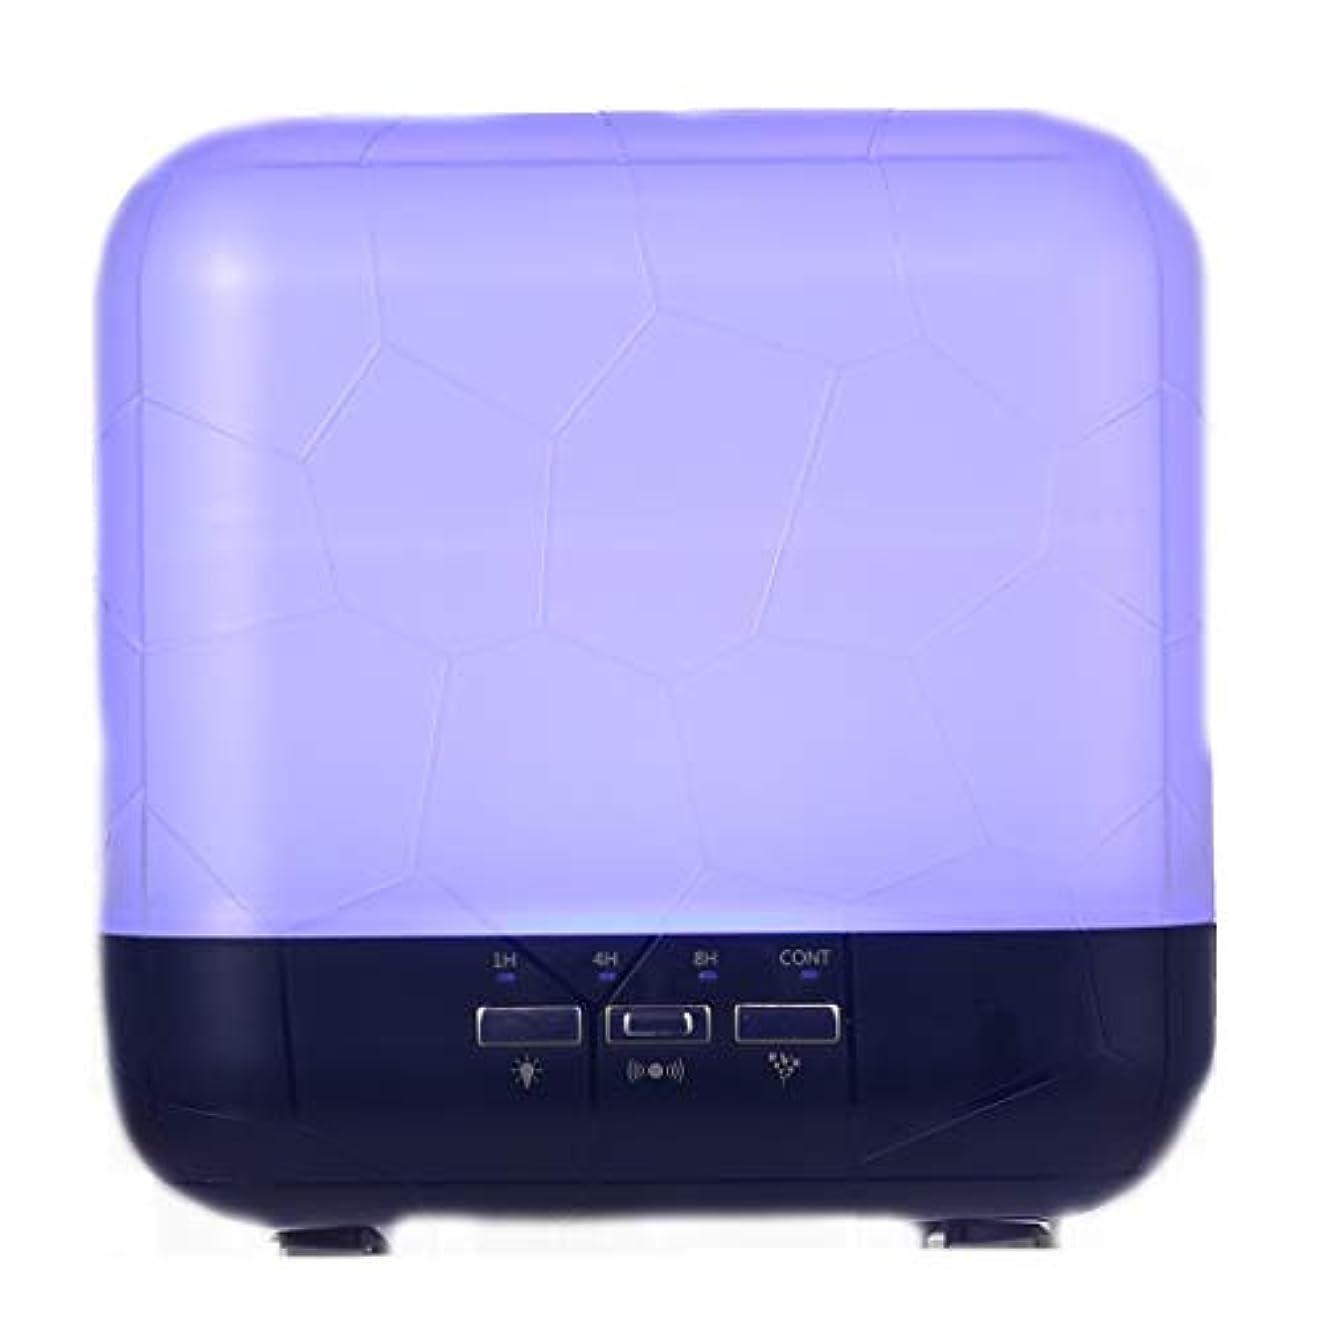 言い聞かせる世界記録のギネスブック懐拡散器、調節可能なミストモード、寝室/オフィス/旅行のためのアロマセラピー機械を離れた自動のHomeweeks 1000ml多彩な精油の拡散器 (Color : Purple)